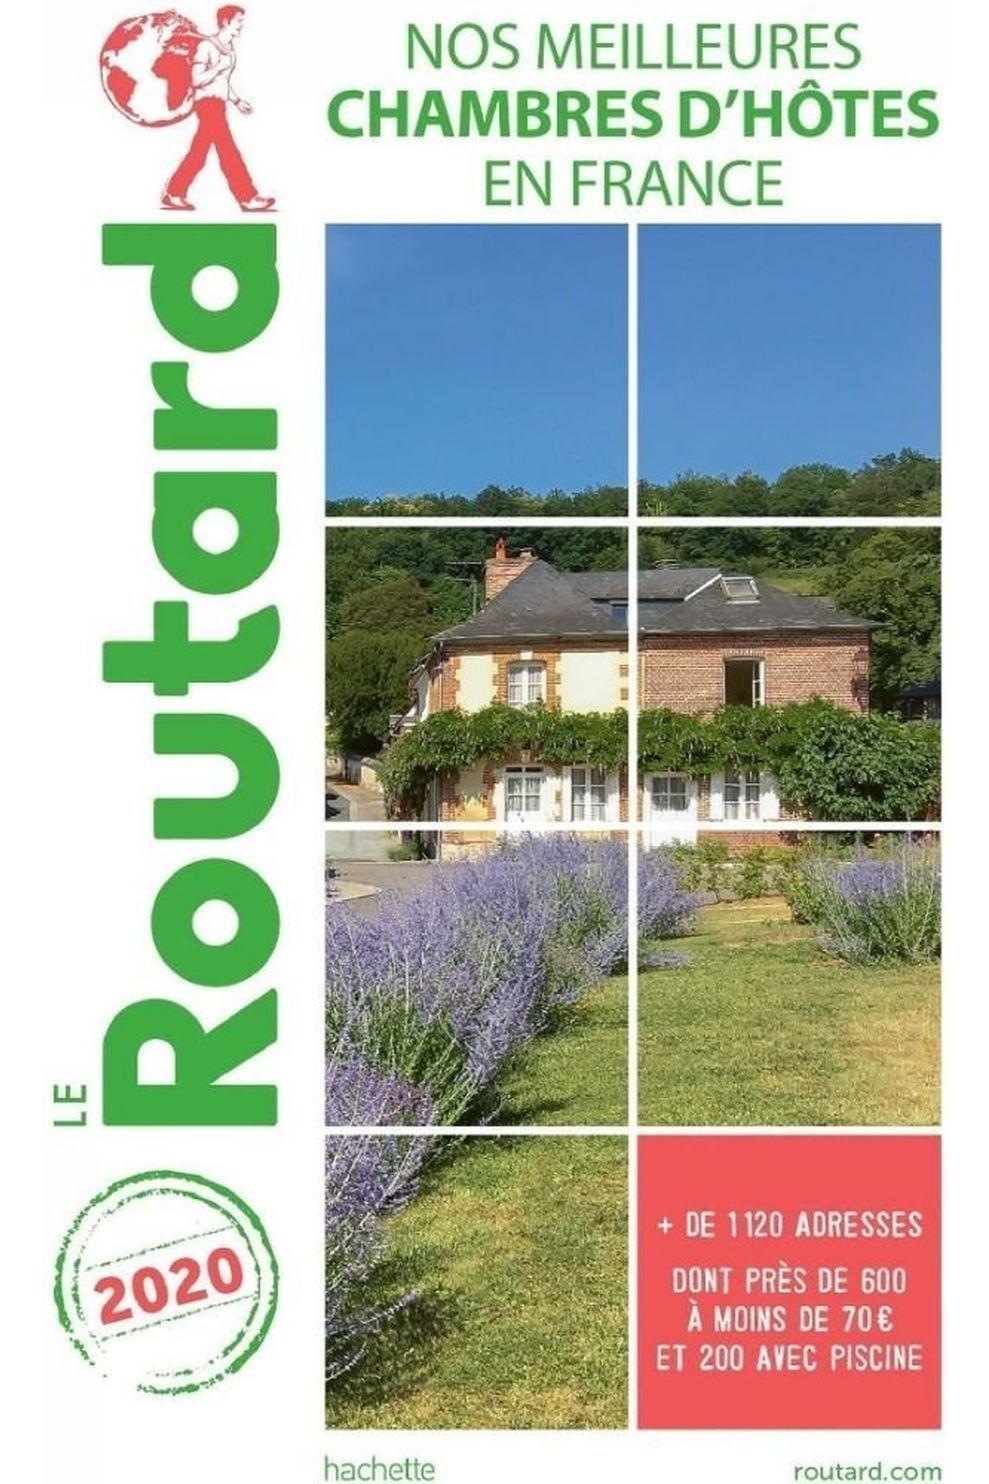 Routard Boek Rout Rout.Div10 - 2020